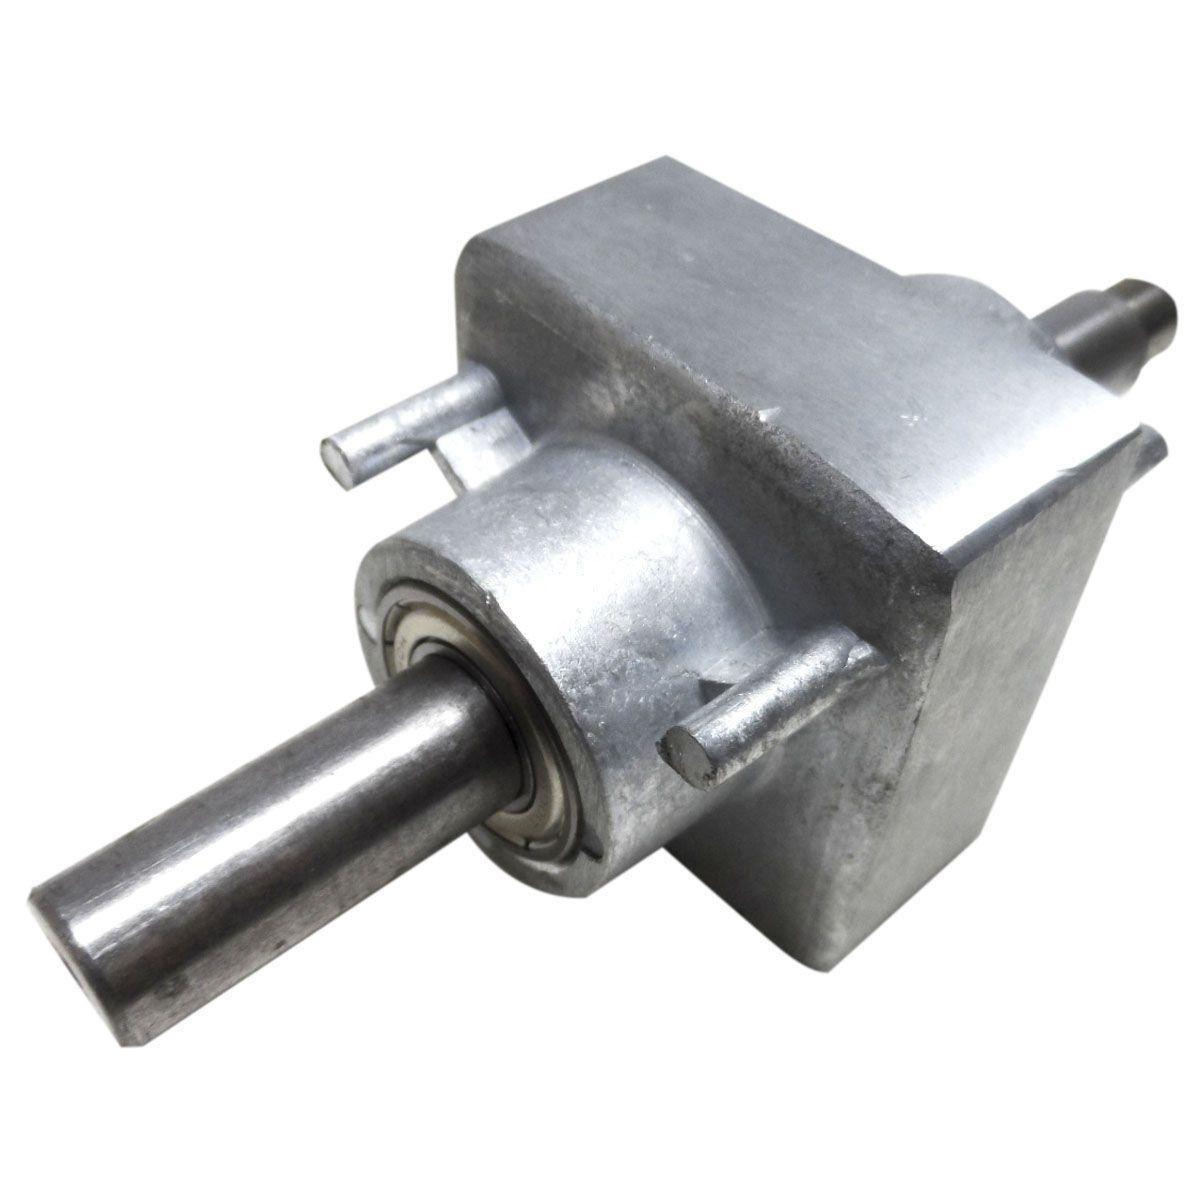 Mancal Quadrado Ventilador Secadora Brastemp N000050302